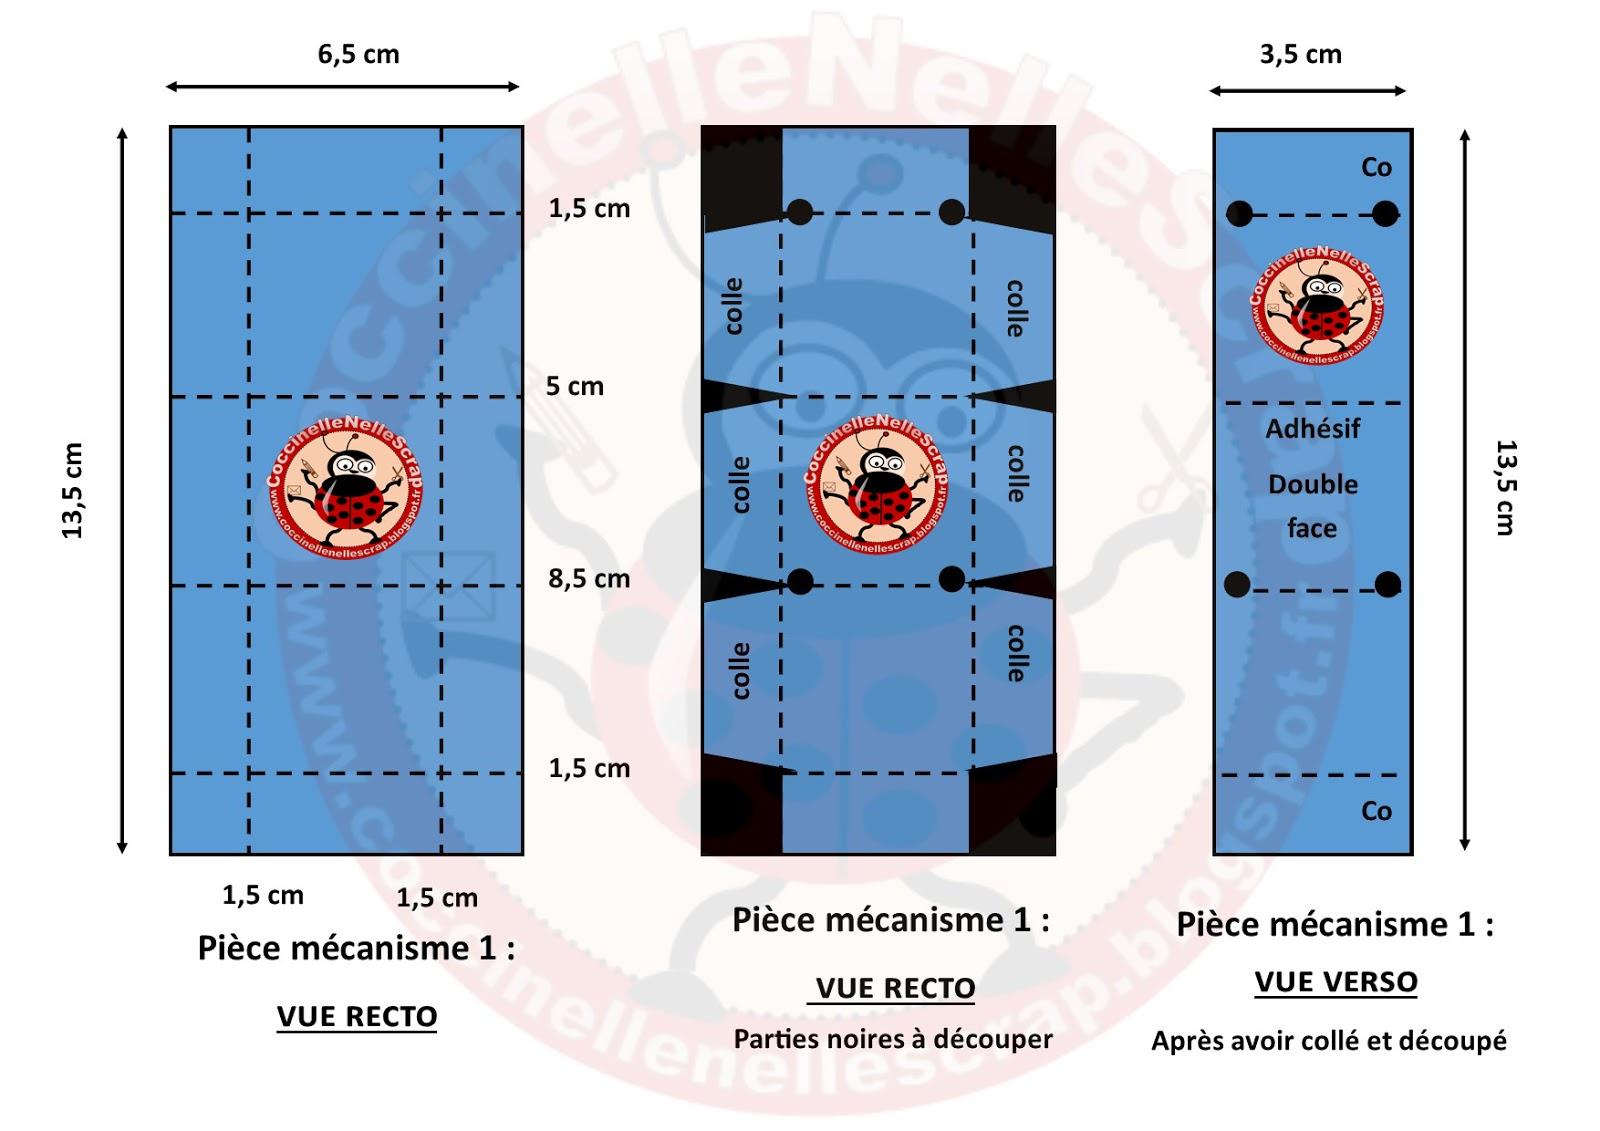 Coccinellenellescrap Blogspot Fr Carte Animee Lance Confettis